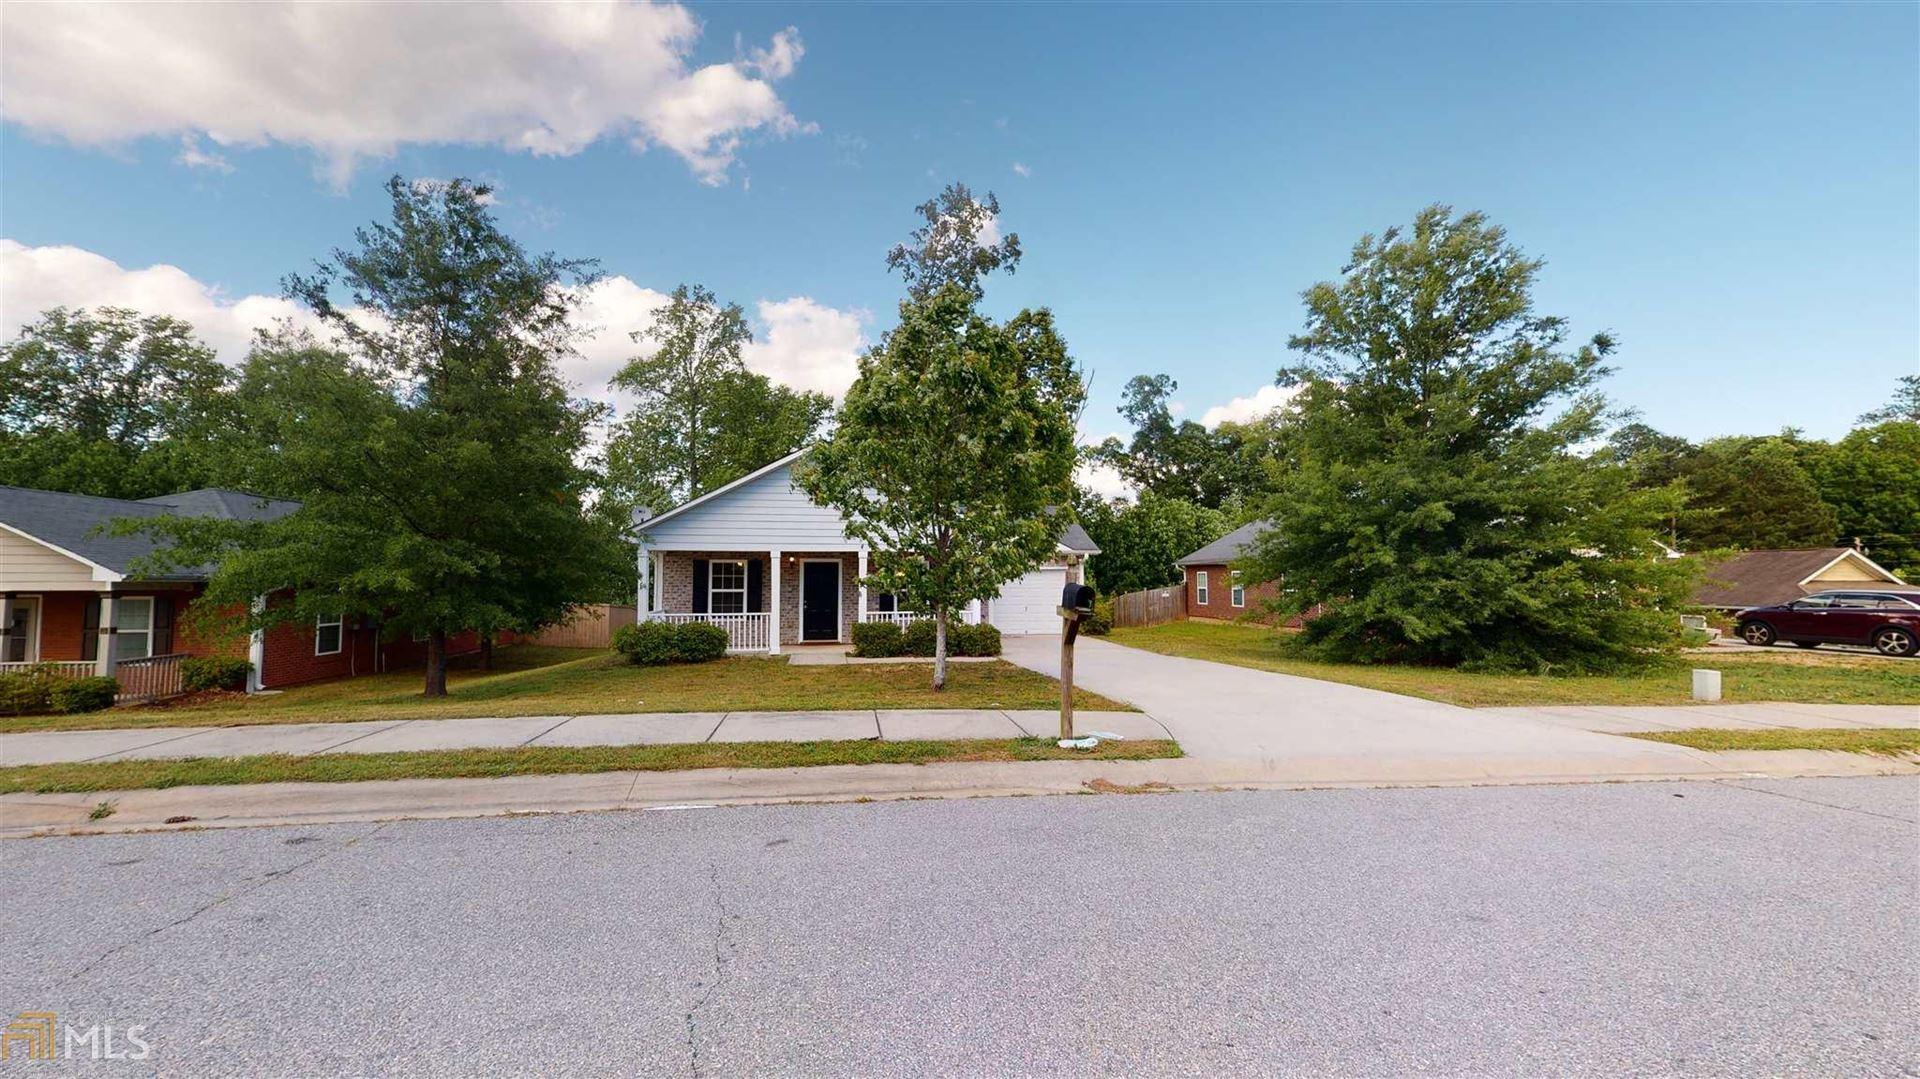 1298 Dunivin Dr, Jonesboro, GA 30238 - #: 8781938